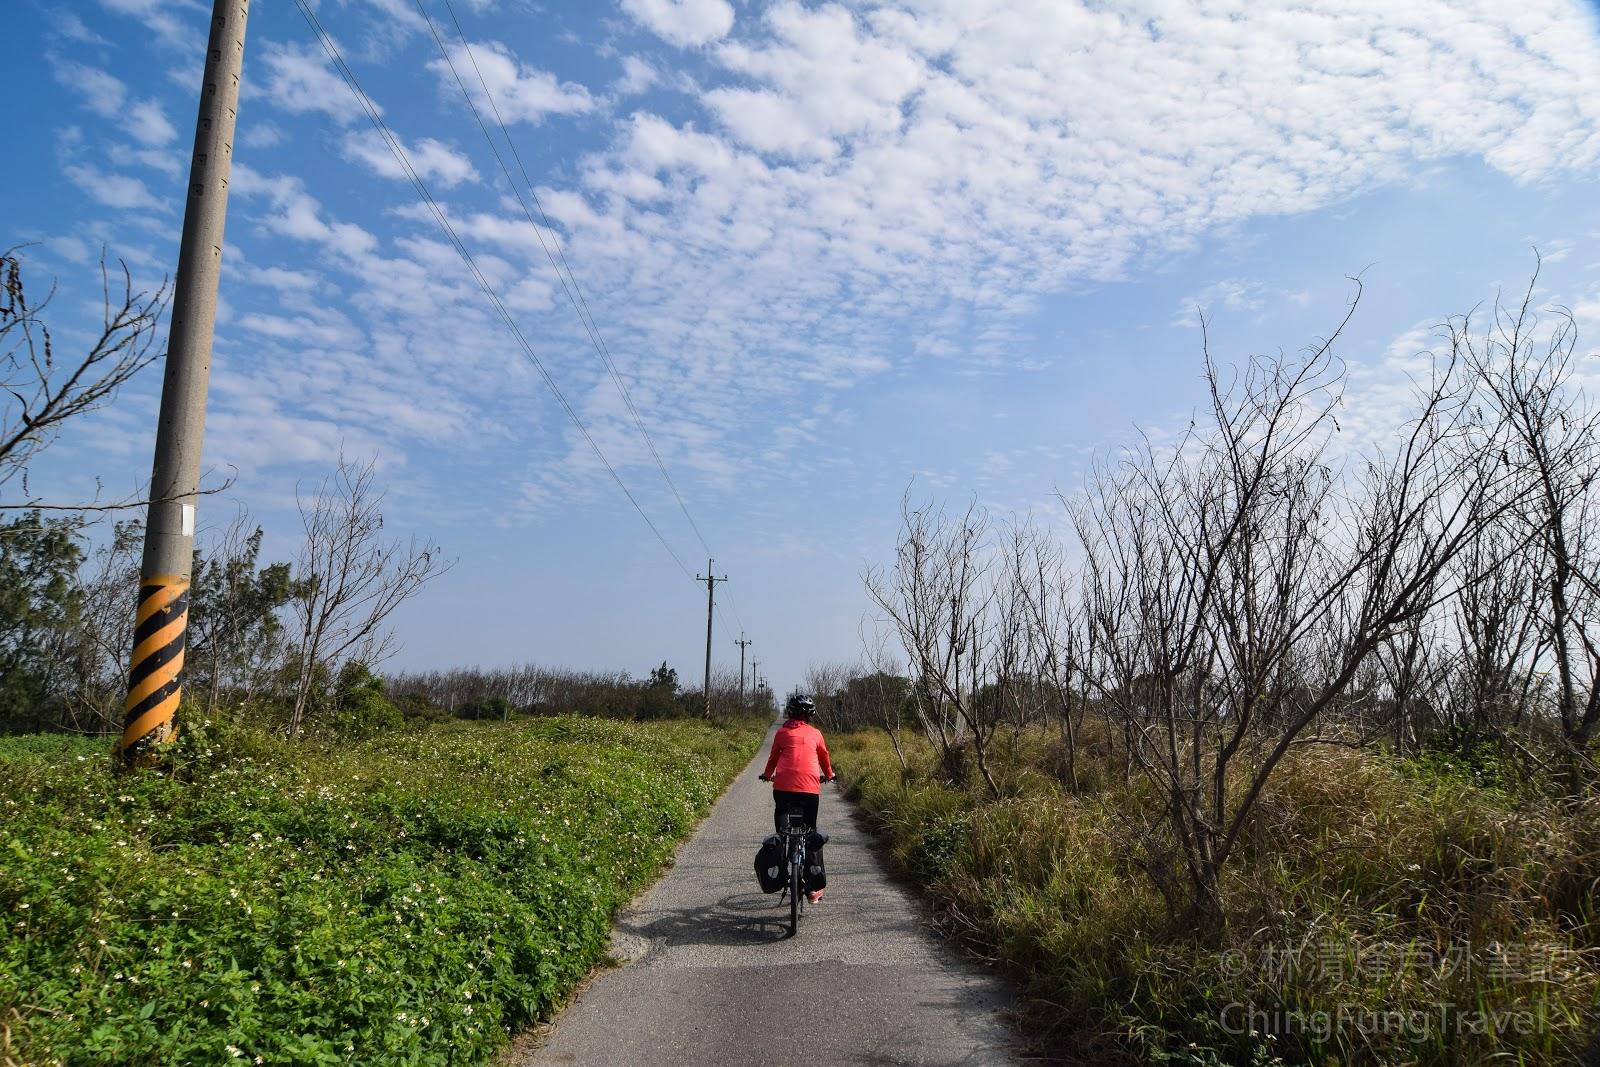 【騎行】三溪穿越&極西燈塔 台南七股濕地騎行